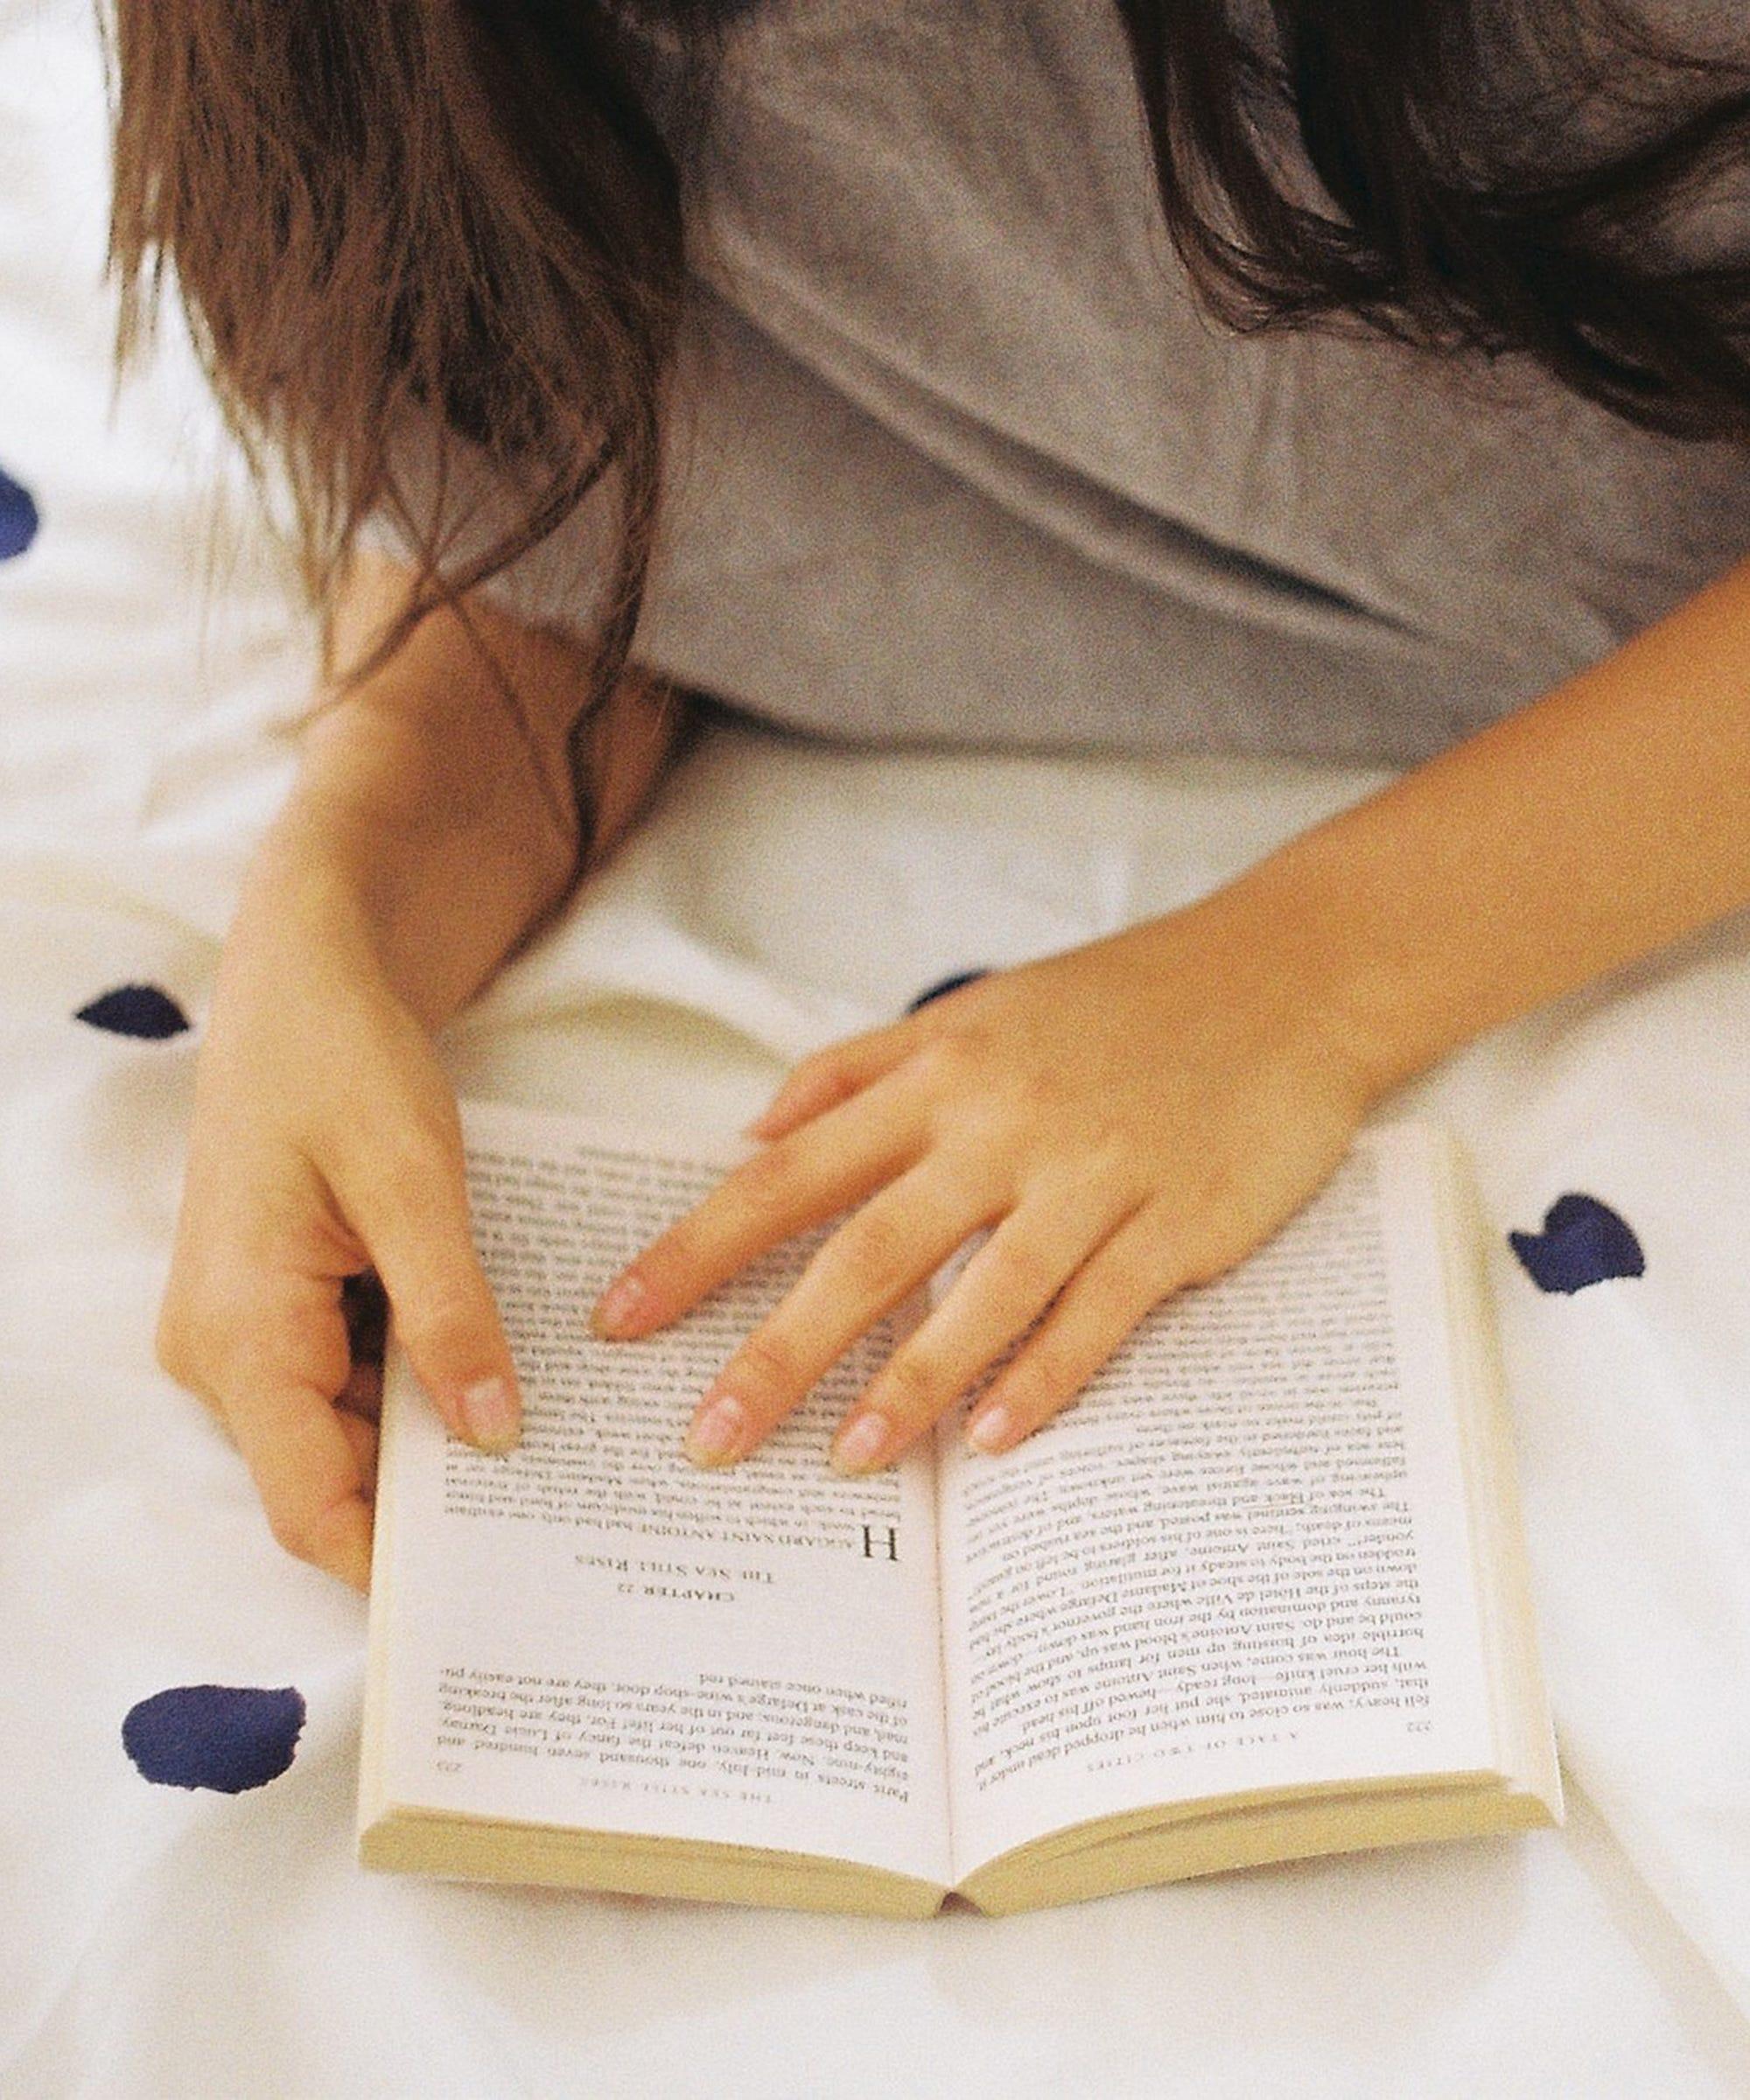 AdaHamza-sex-in-books-1